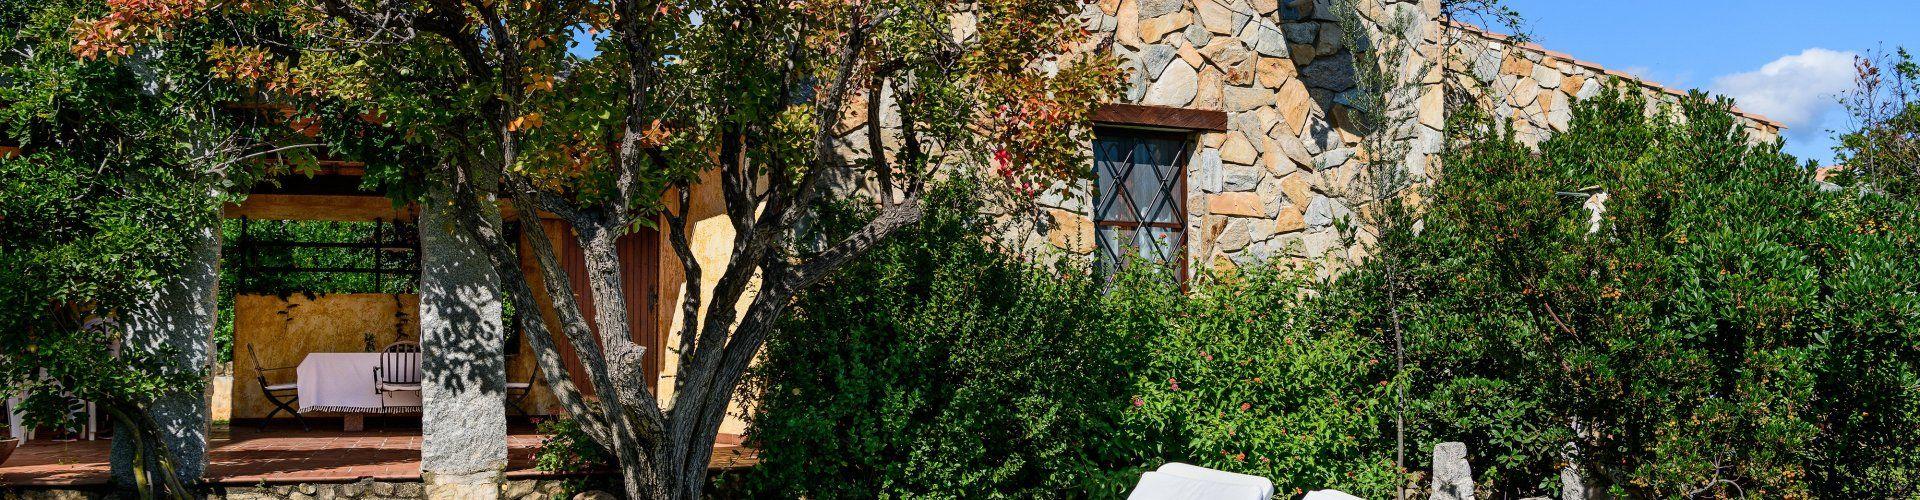 Garten mit Sonnenliegen und Hauseingang zur Meloni 2 in Sant Elmo